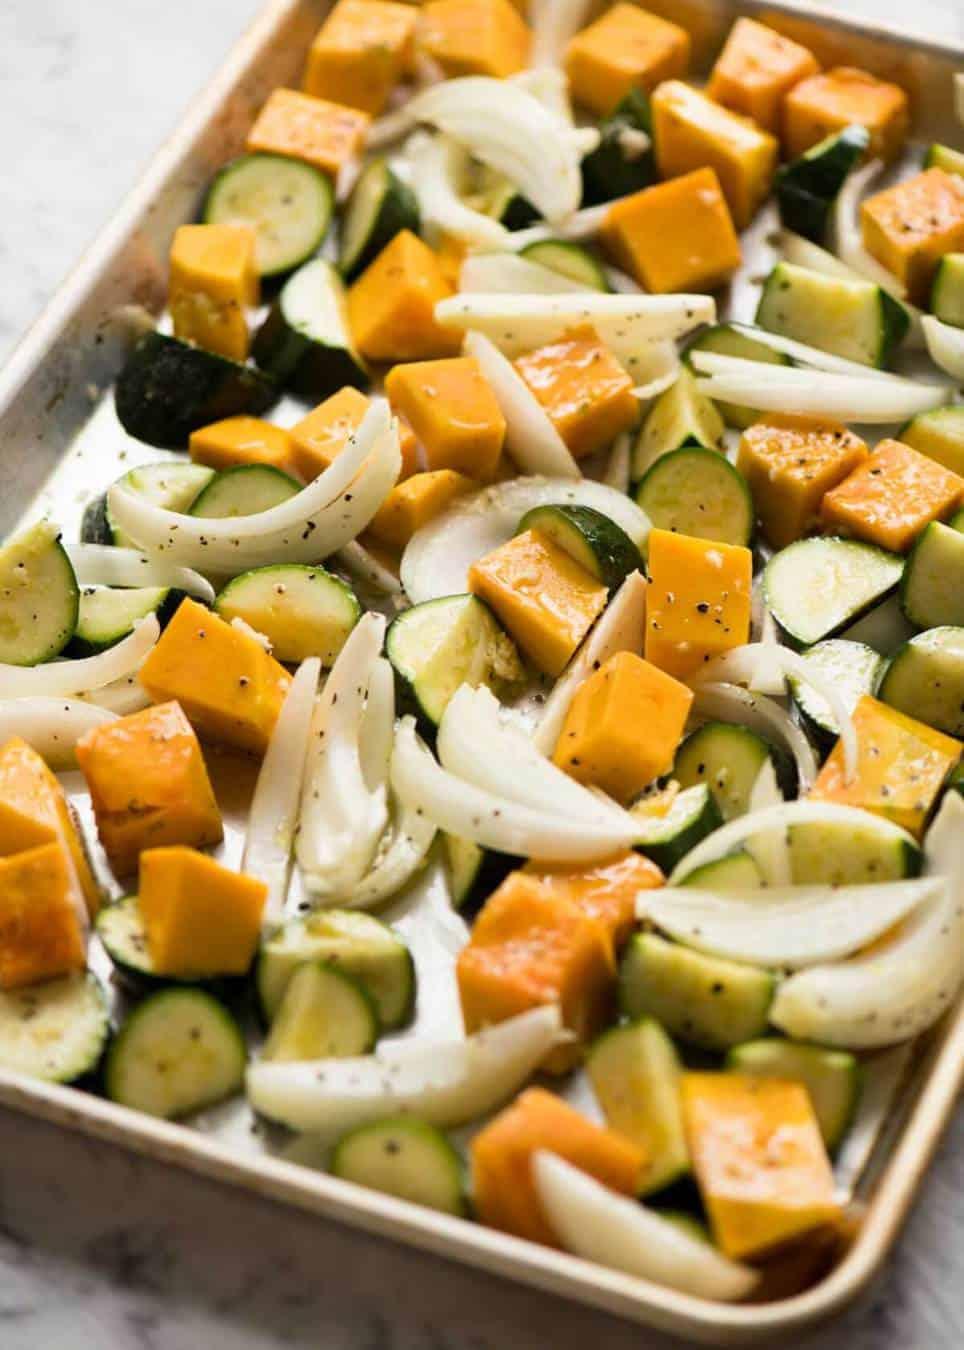 Roasted vegetables for vegetarian lasagna